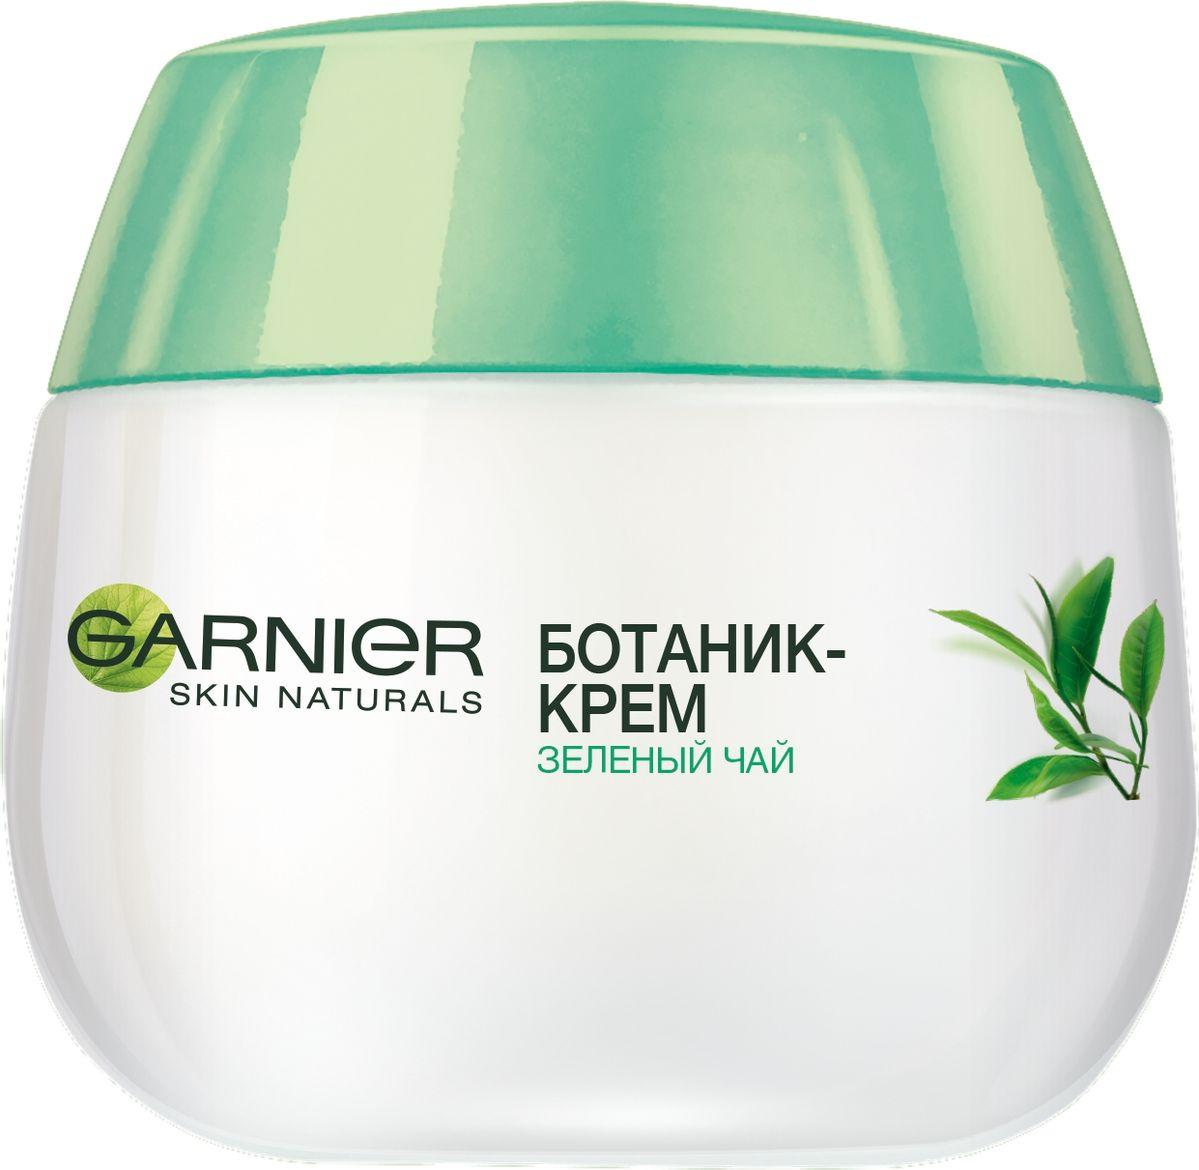 GarnierУвлажняющий Ботаник-крем для лица